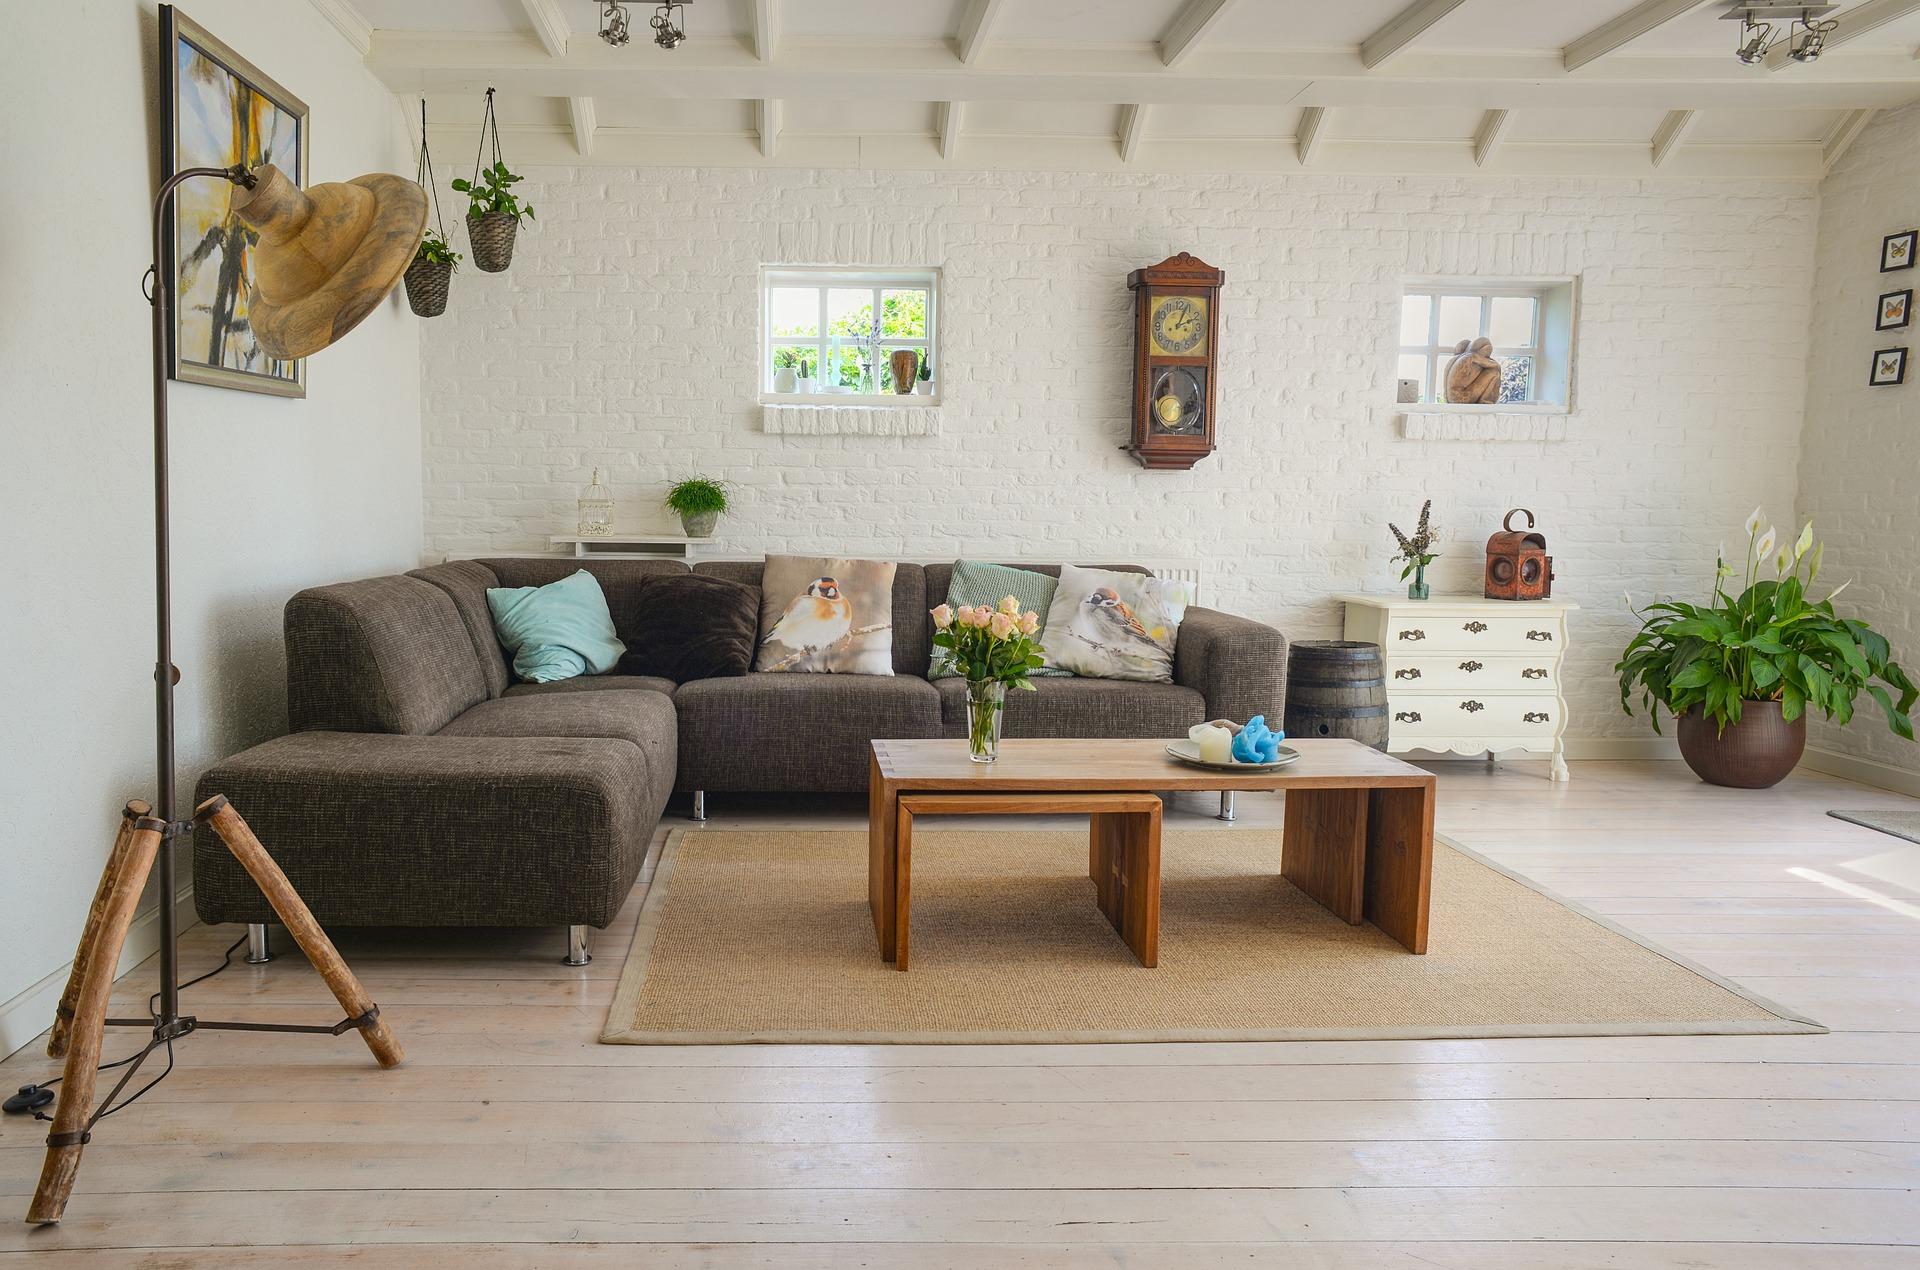 couch interiror